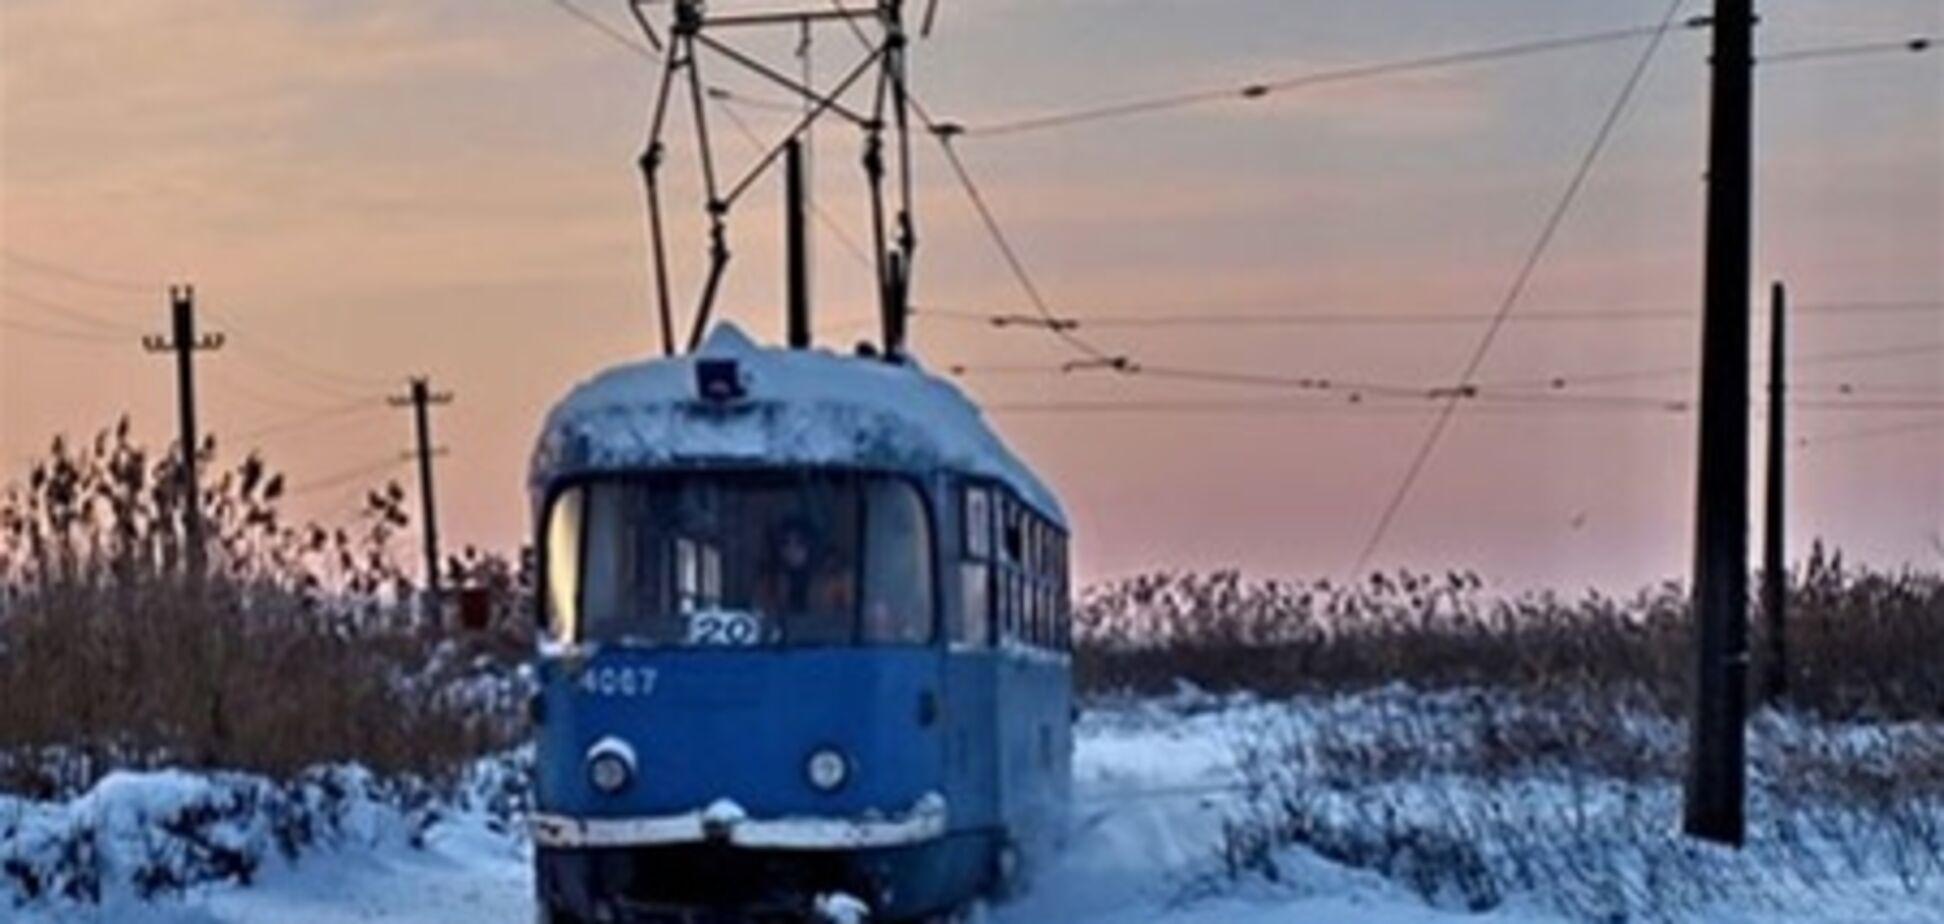 Одесит чекав трамвай і замерз на смерть